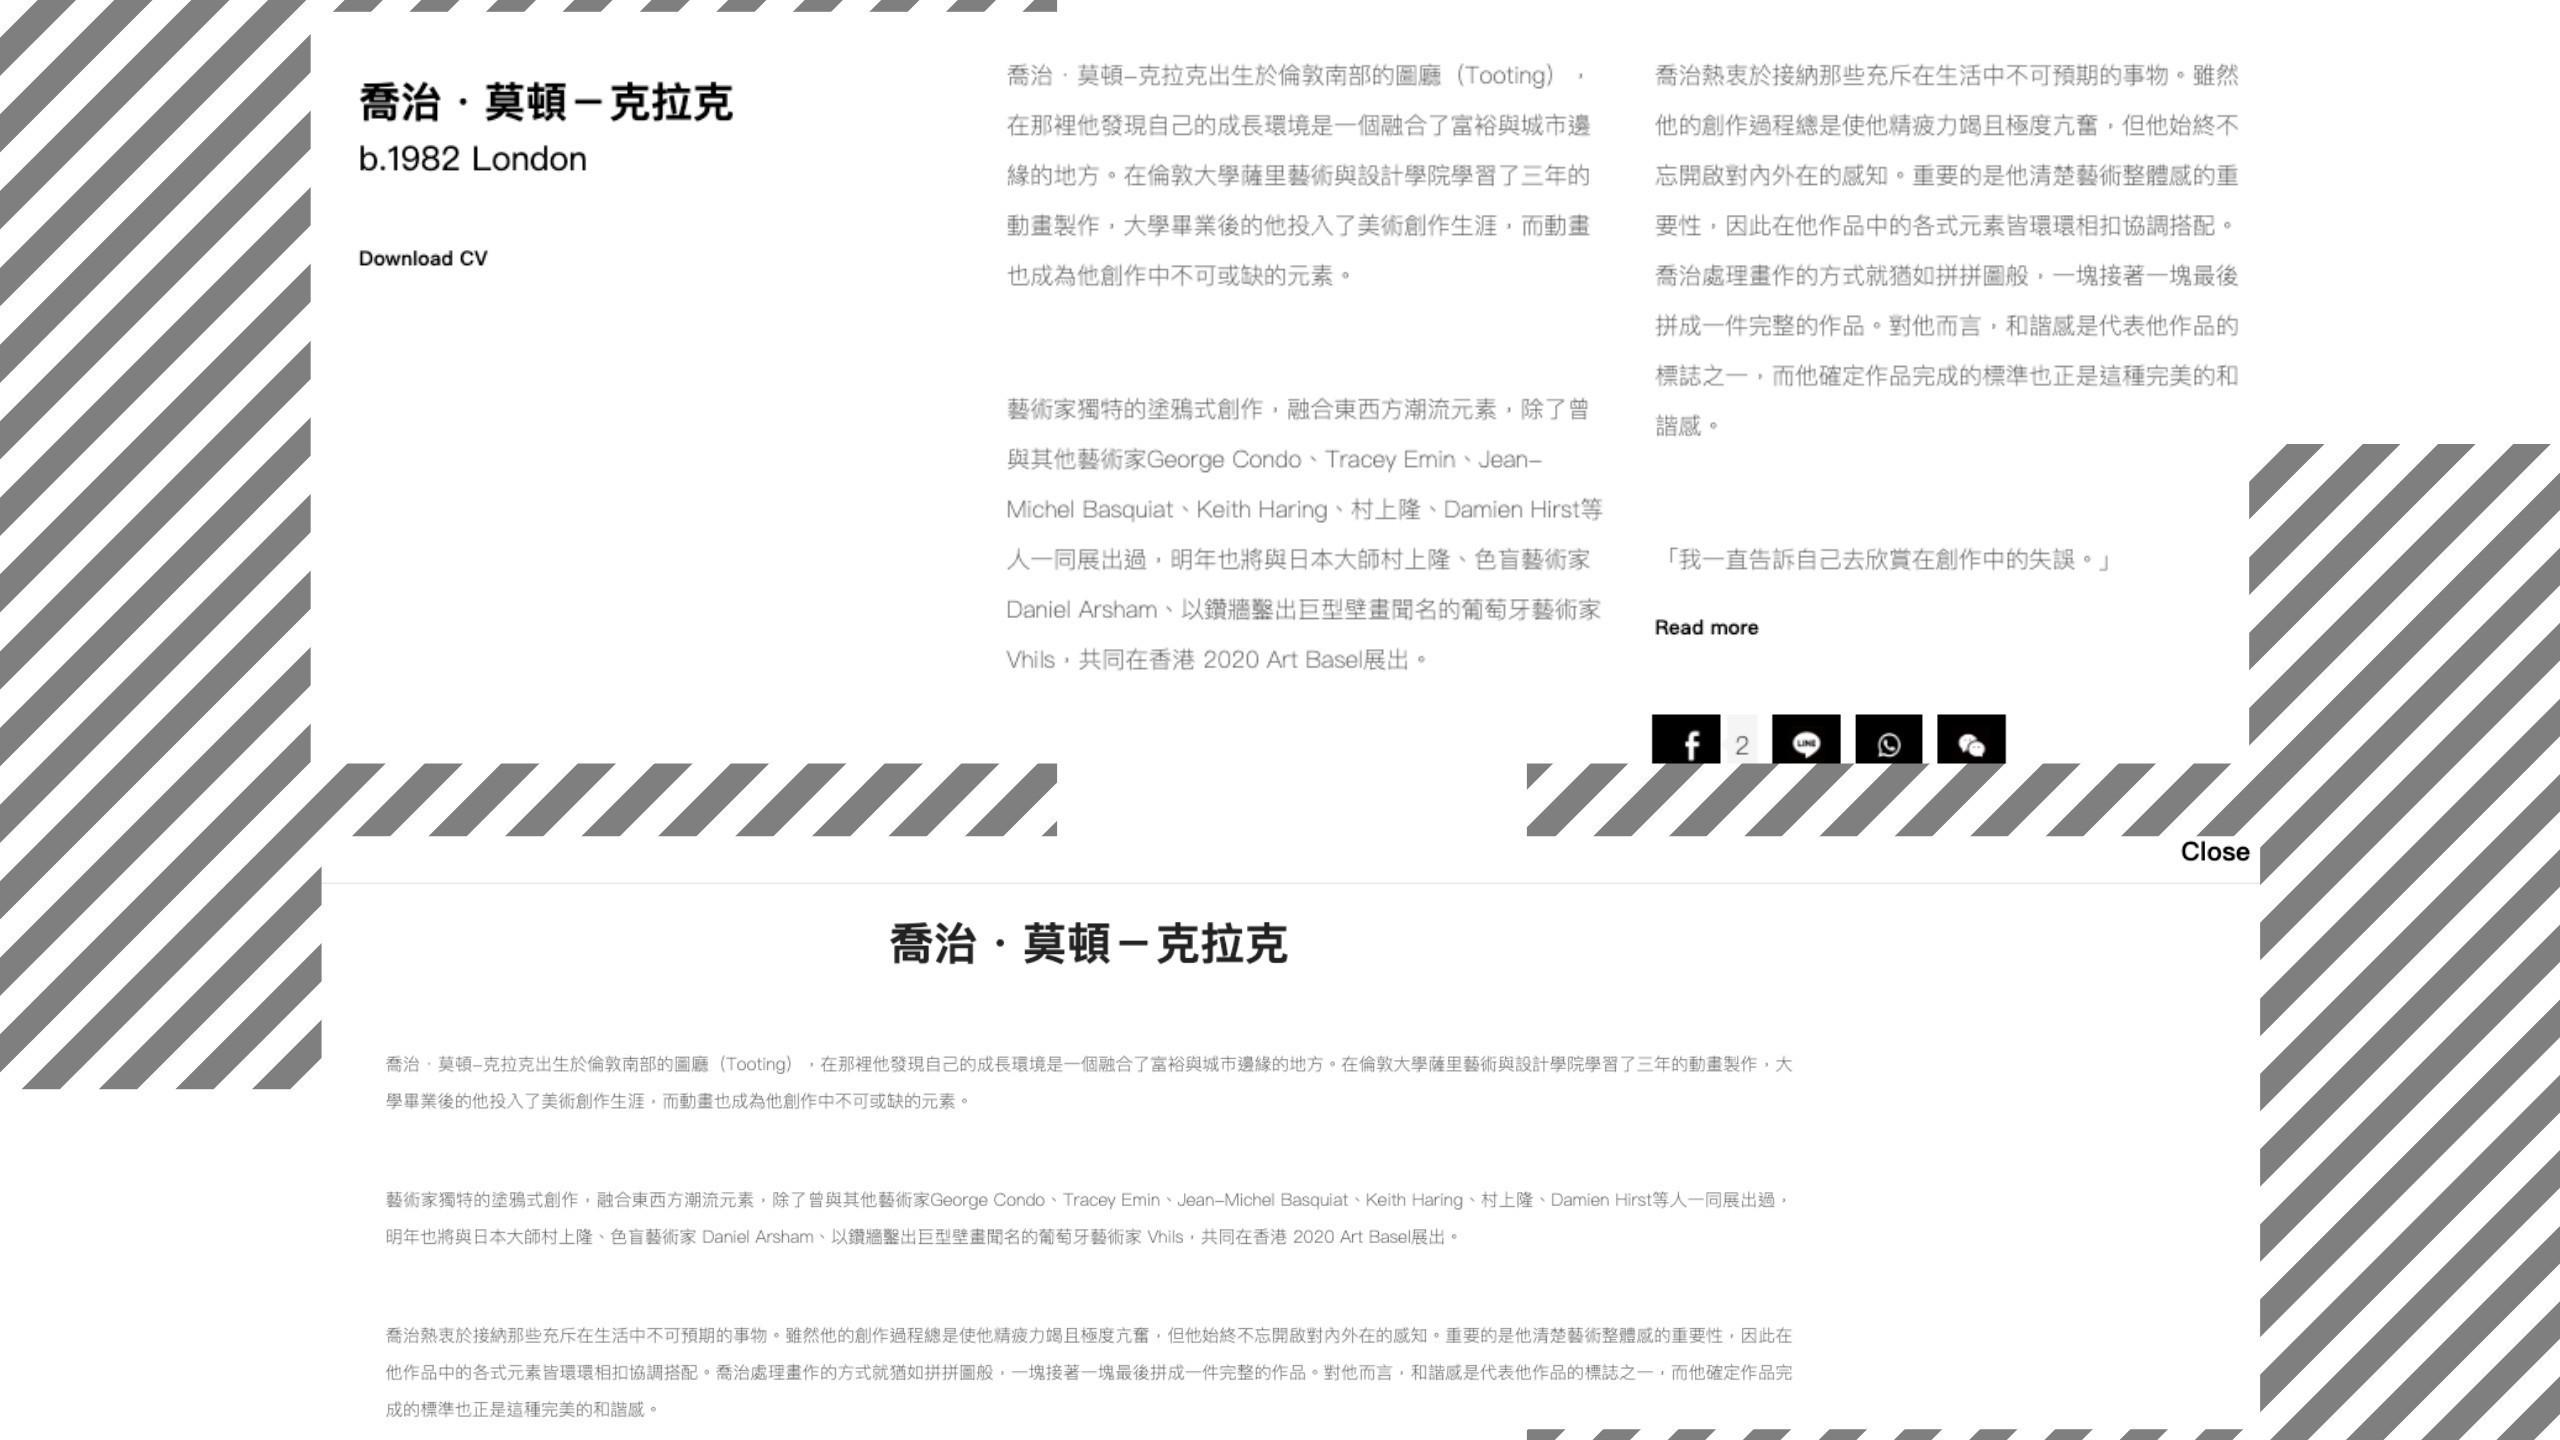 田奈藝術 客制化的部落格文章編輯後台